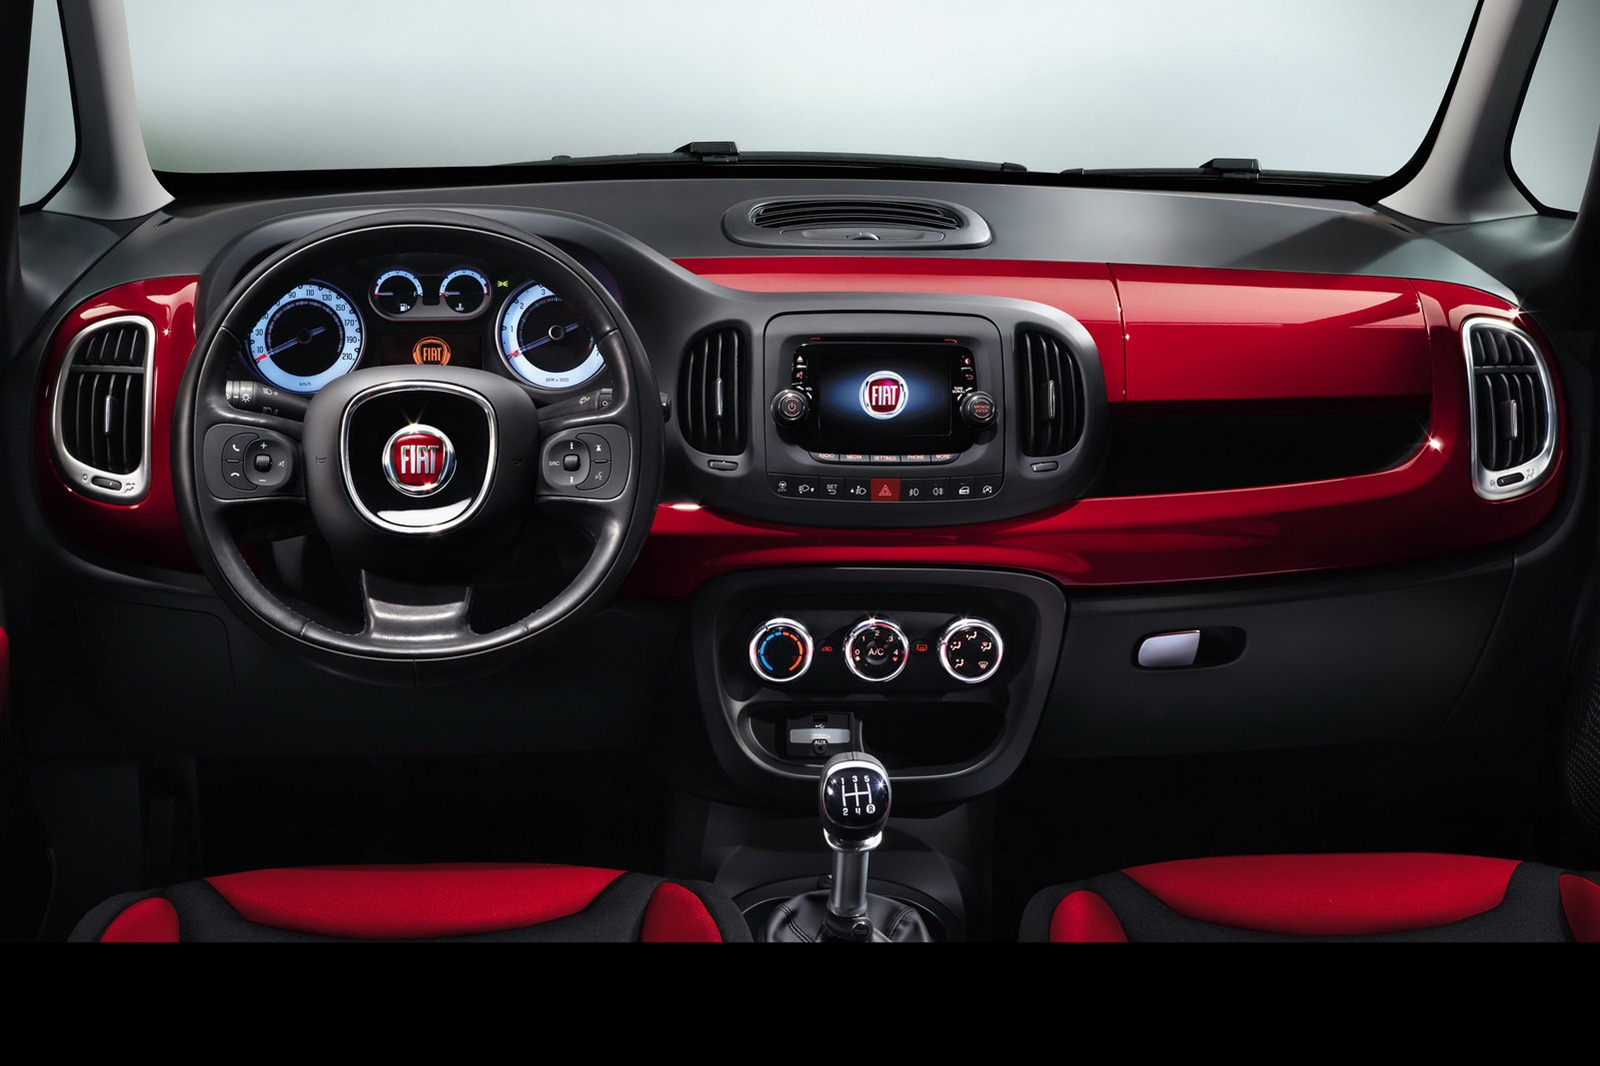 Charming Fiat 500l